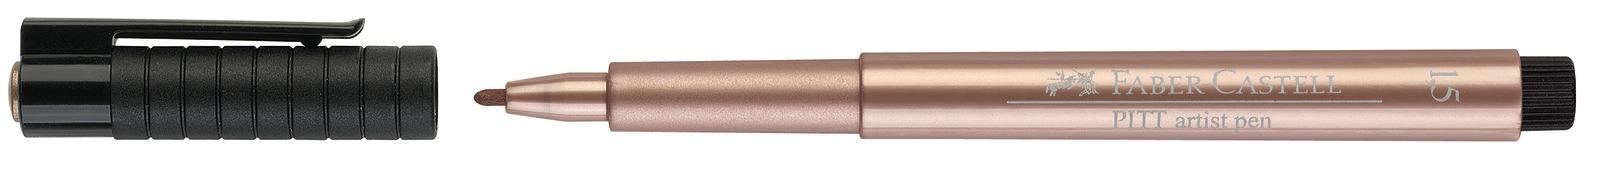 Faber-Castell: Pitt Artist Pens - Metallic Copper image